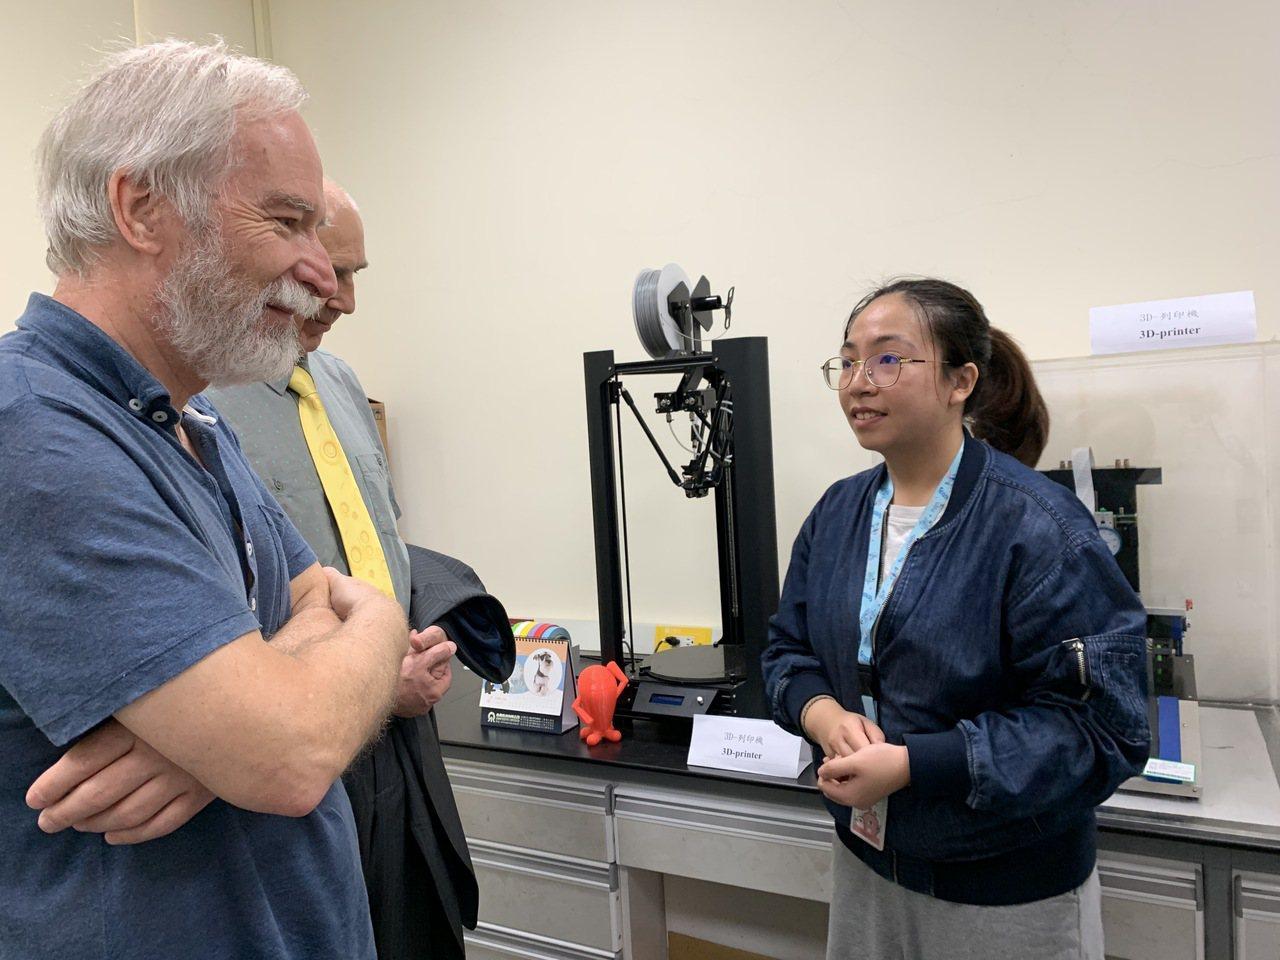 國立屏東大學與俄羅斯科學院克倫斯基物研究所合作,成立功能性材料聯合實驗室,並於今...